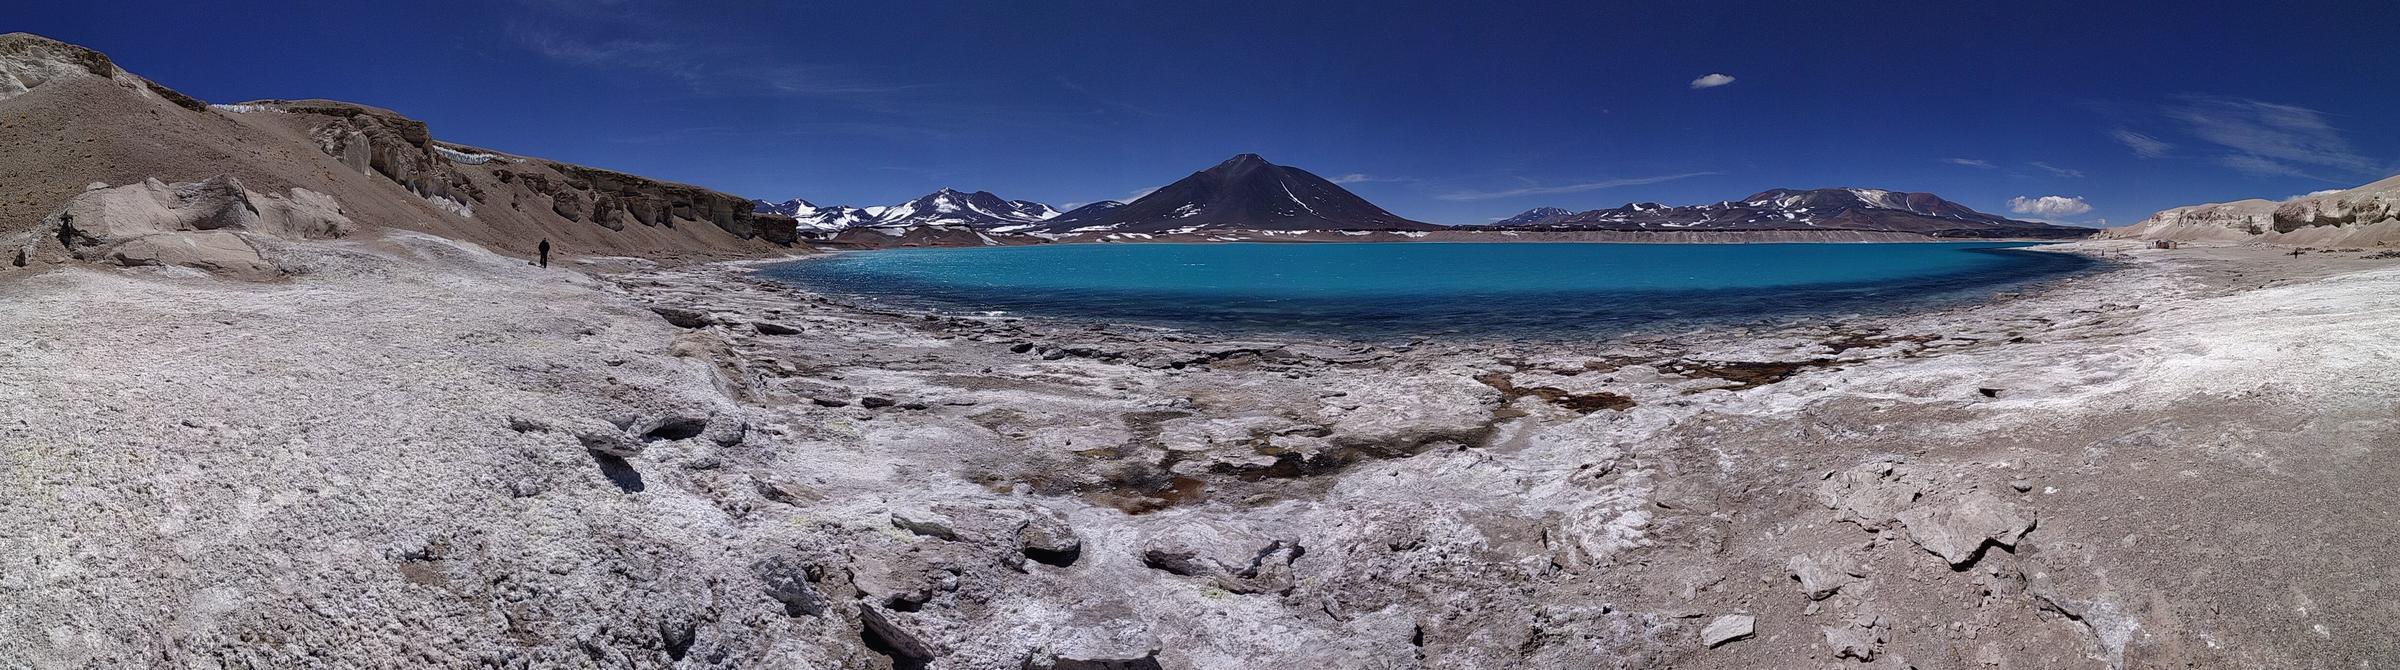 20181026_Copiapo_Atacama_Tres_Cruces_57.